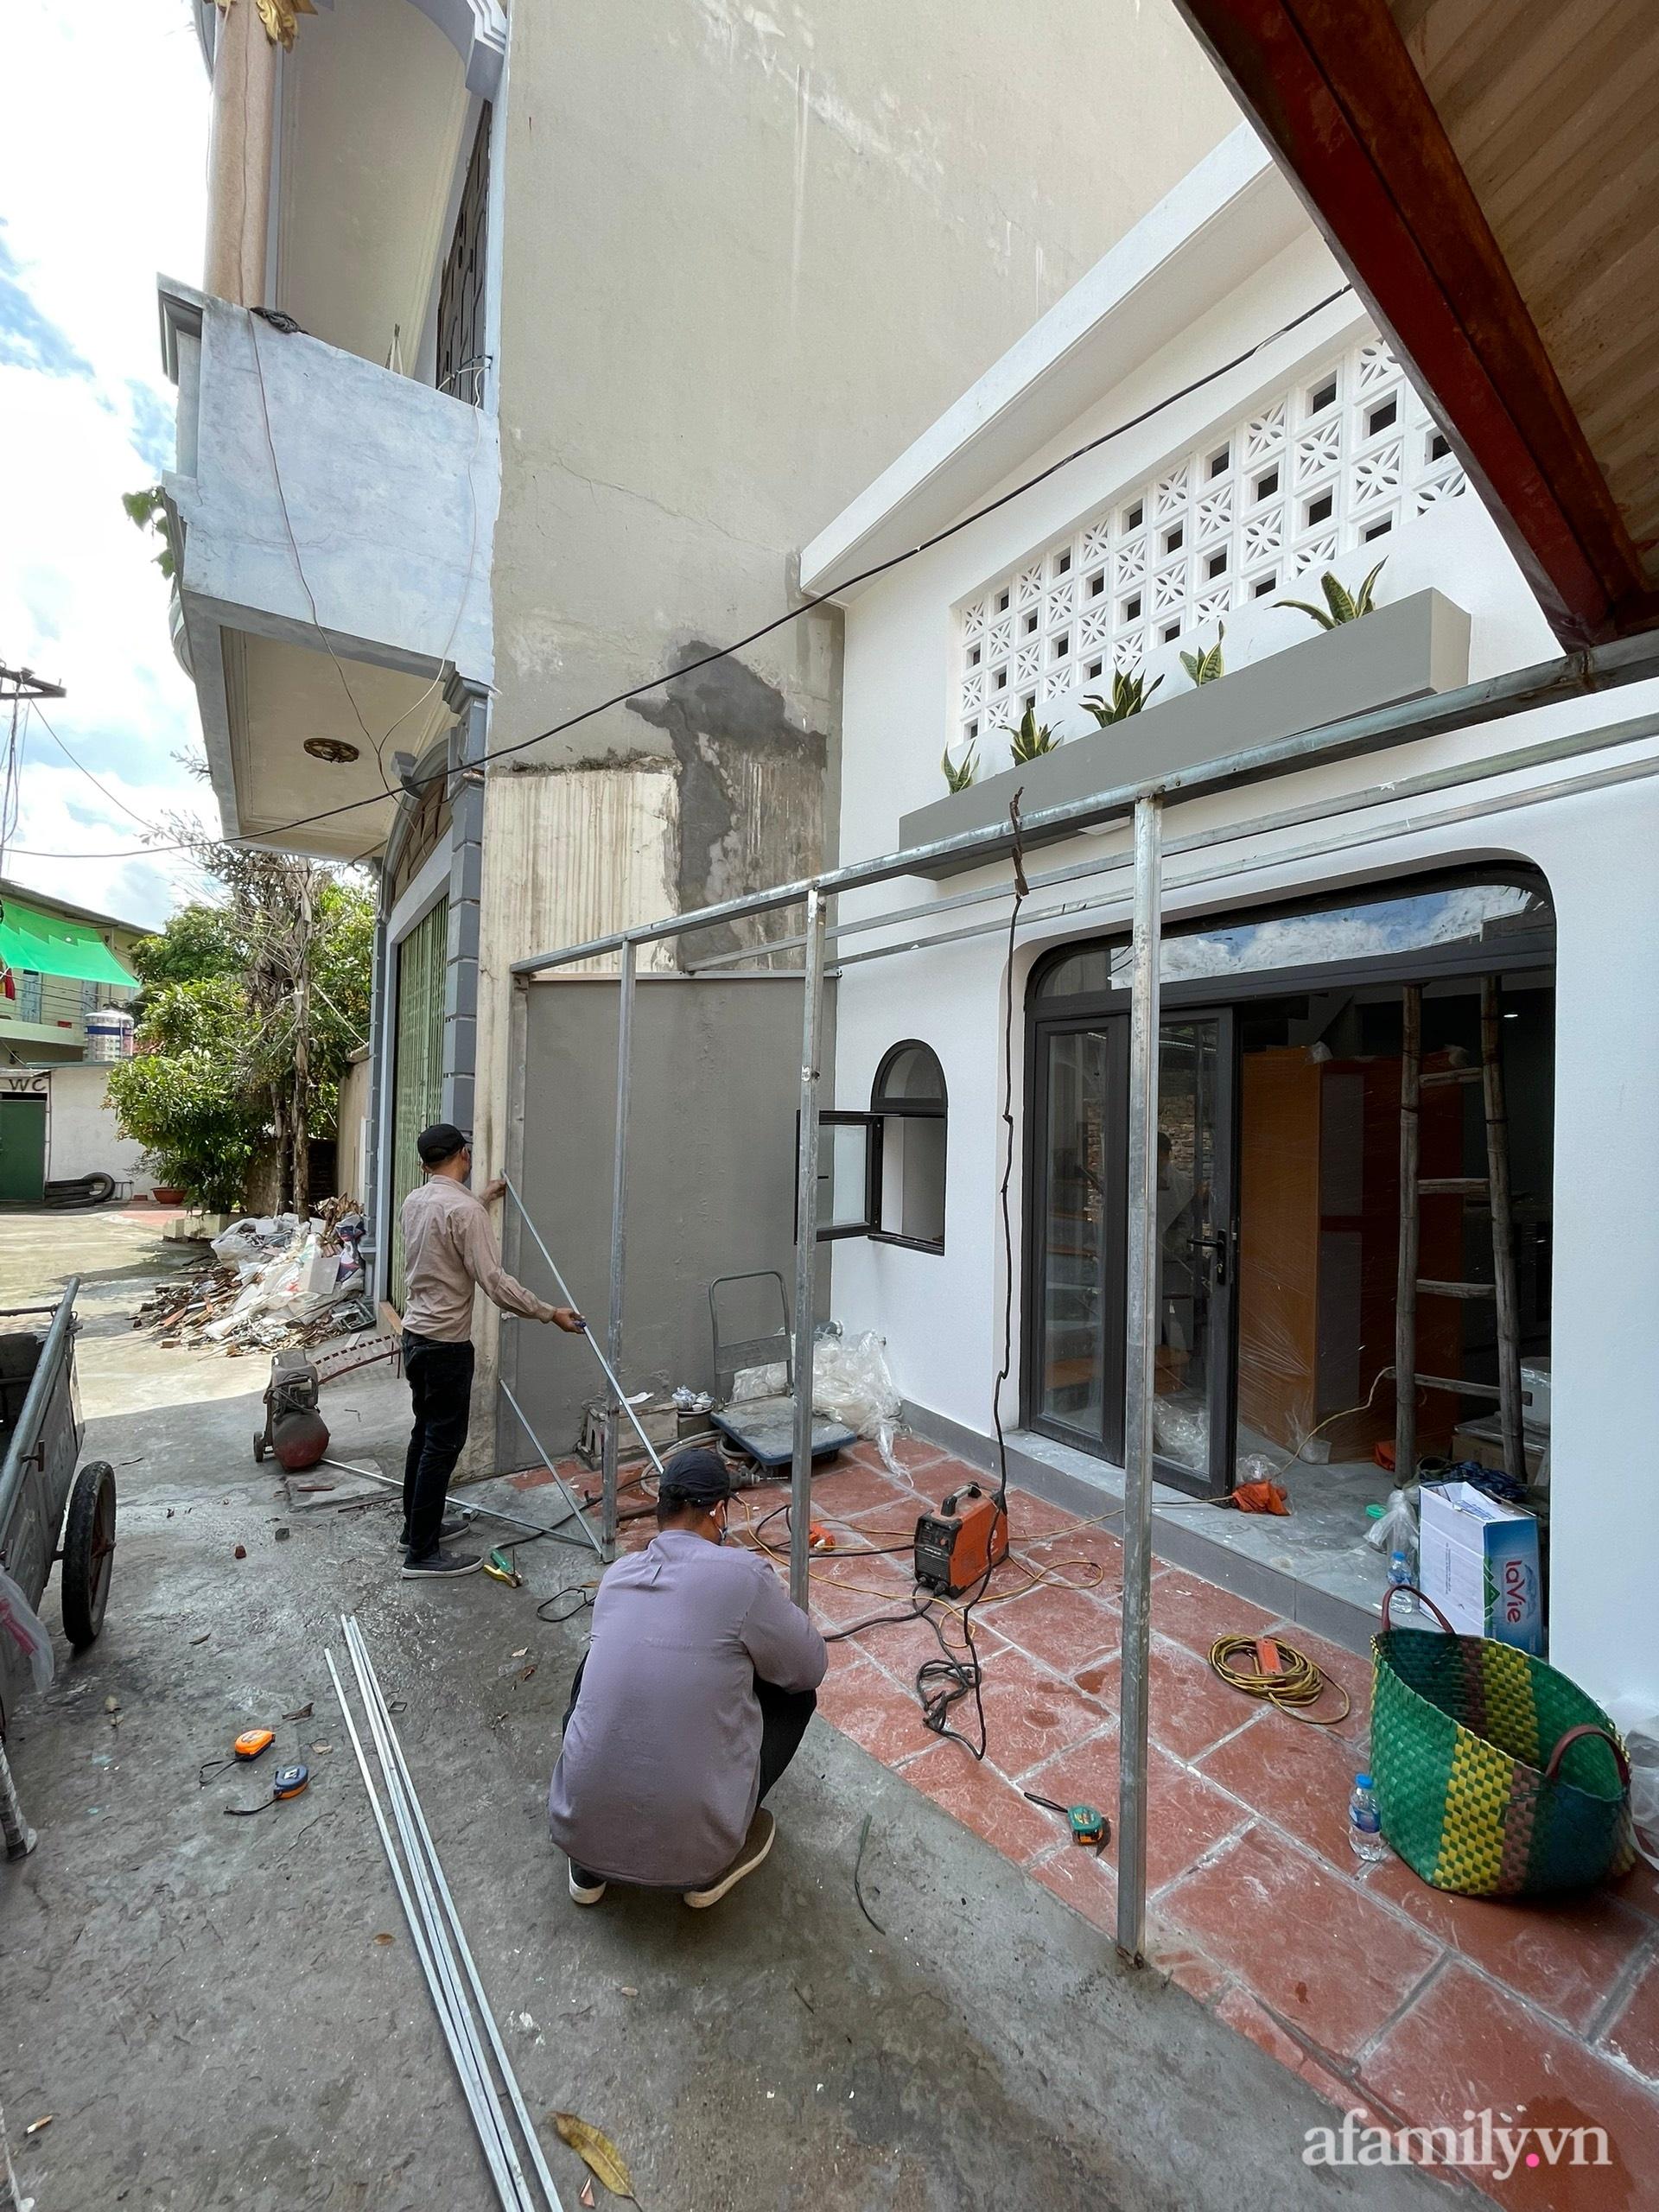 Căn nhà 58m2 được xây dựng đầy đủ chức năng hiện đại của cặp vợ chồng Bắc Ninh có tổng lương 25 triệu/tháng - Ảnh 2.